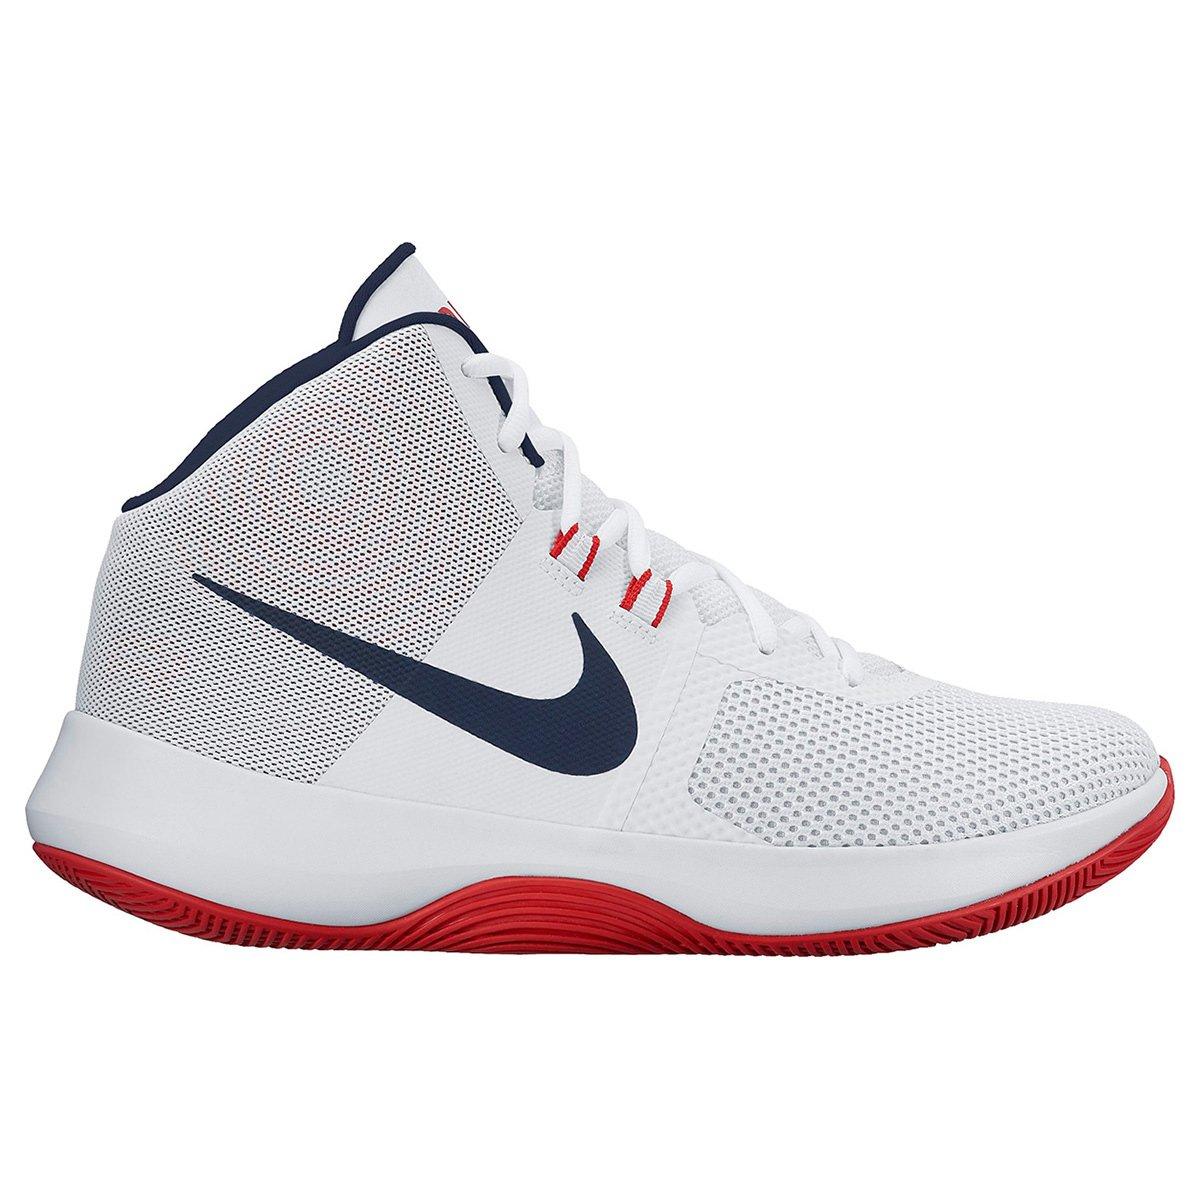 f2c681f03ca Tênis Cano Alto Nike Air Precision Masculino - Branco e Vermelho - Compre  Agora